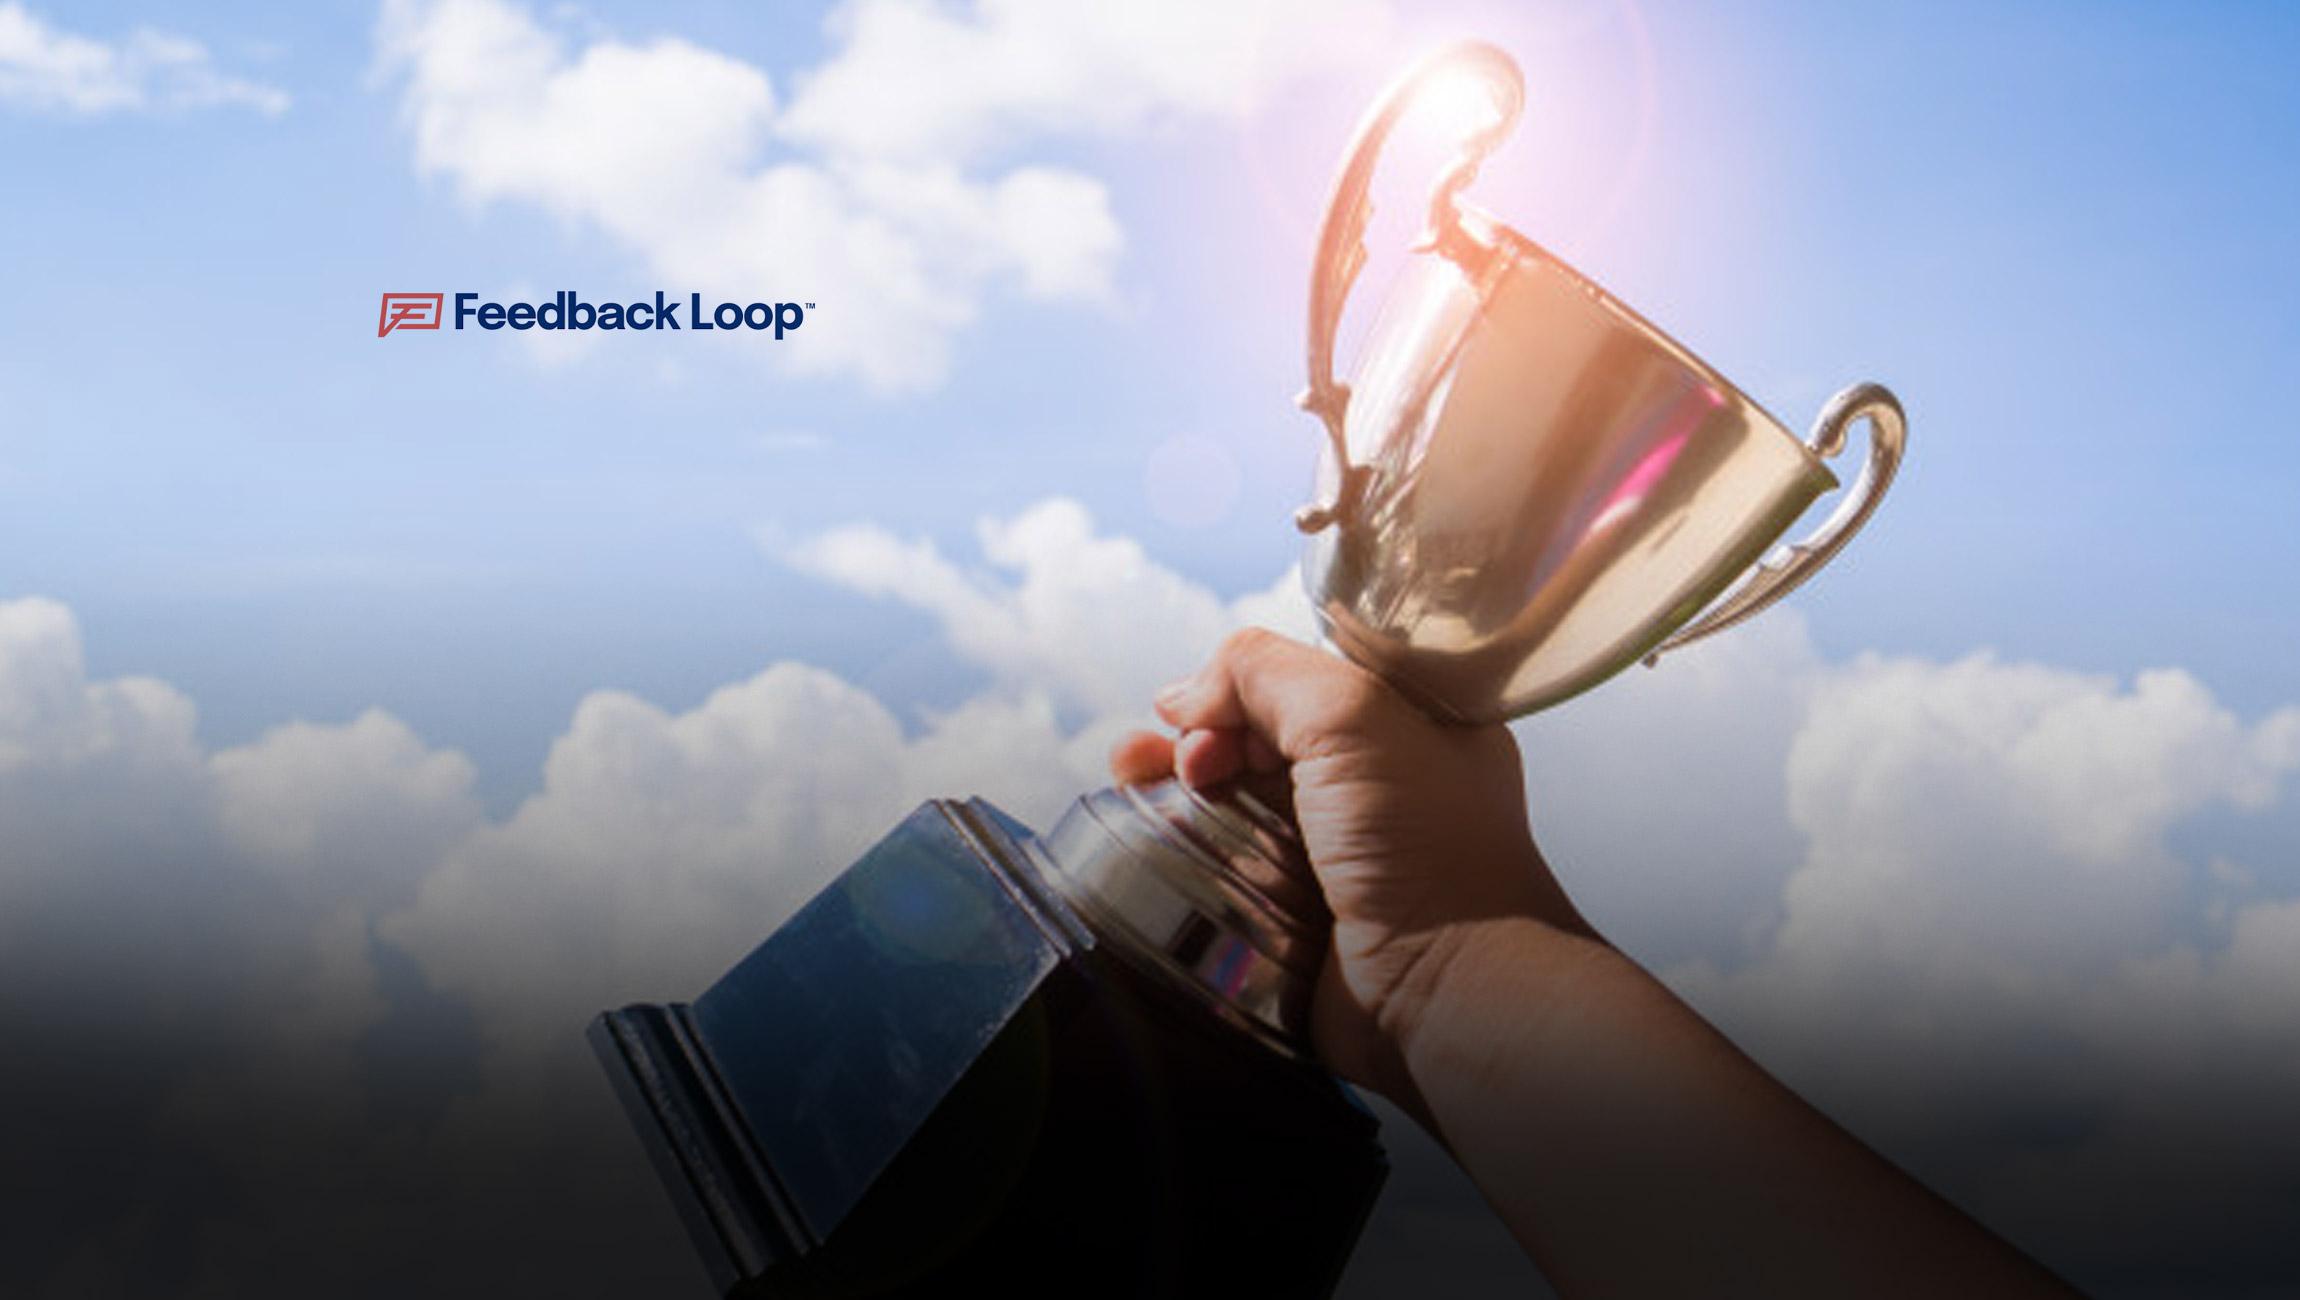 Feedback-Loop-Wins-2021-BIG-Innovation-Award